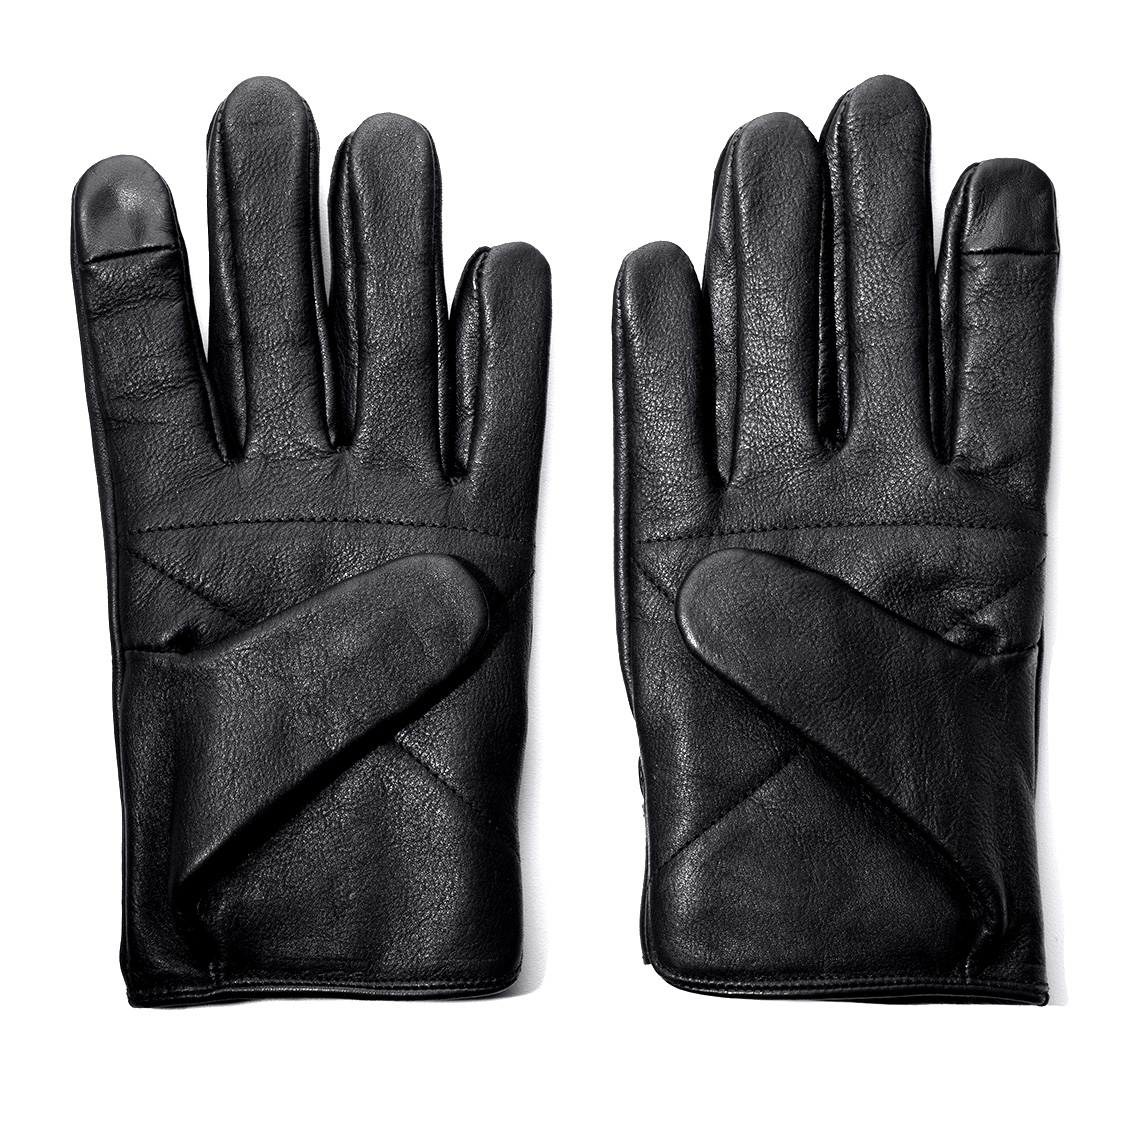 gloves_1140x1140.jpg